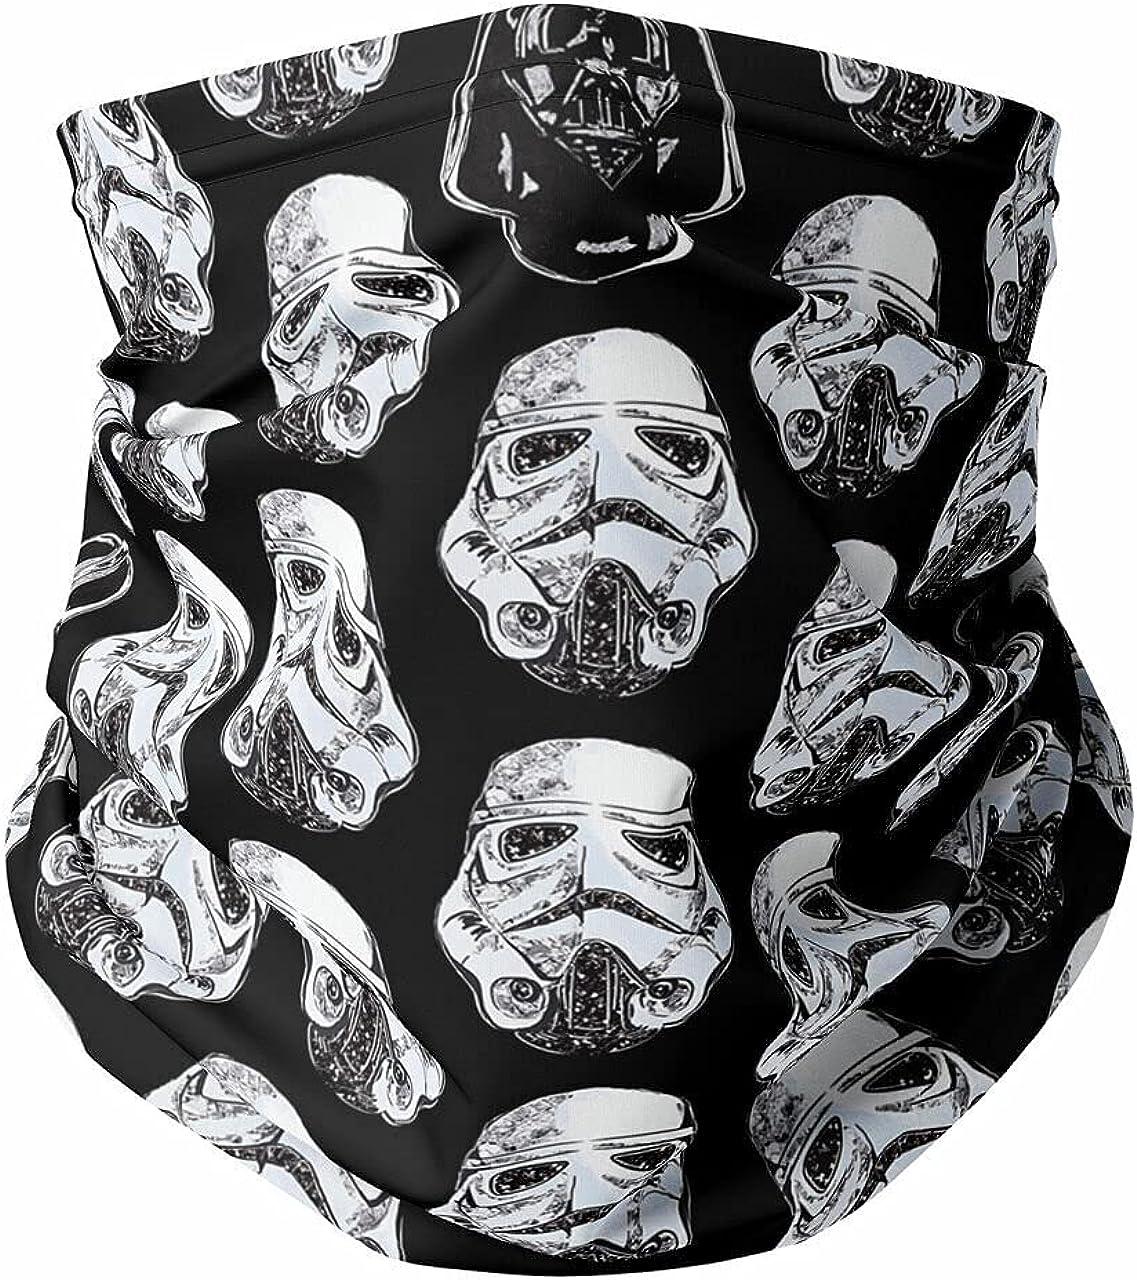 Neck Gaiter Face Covering - Vader & Storm Trooper Helmets SW Inspired